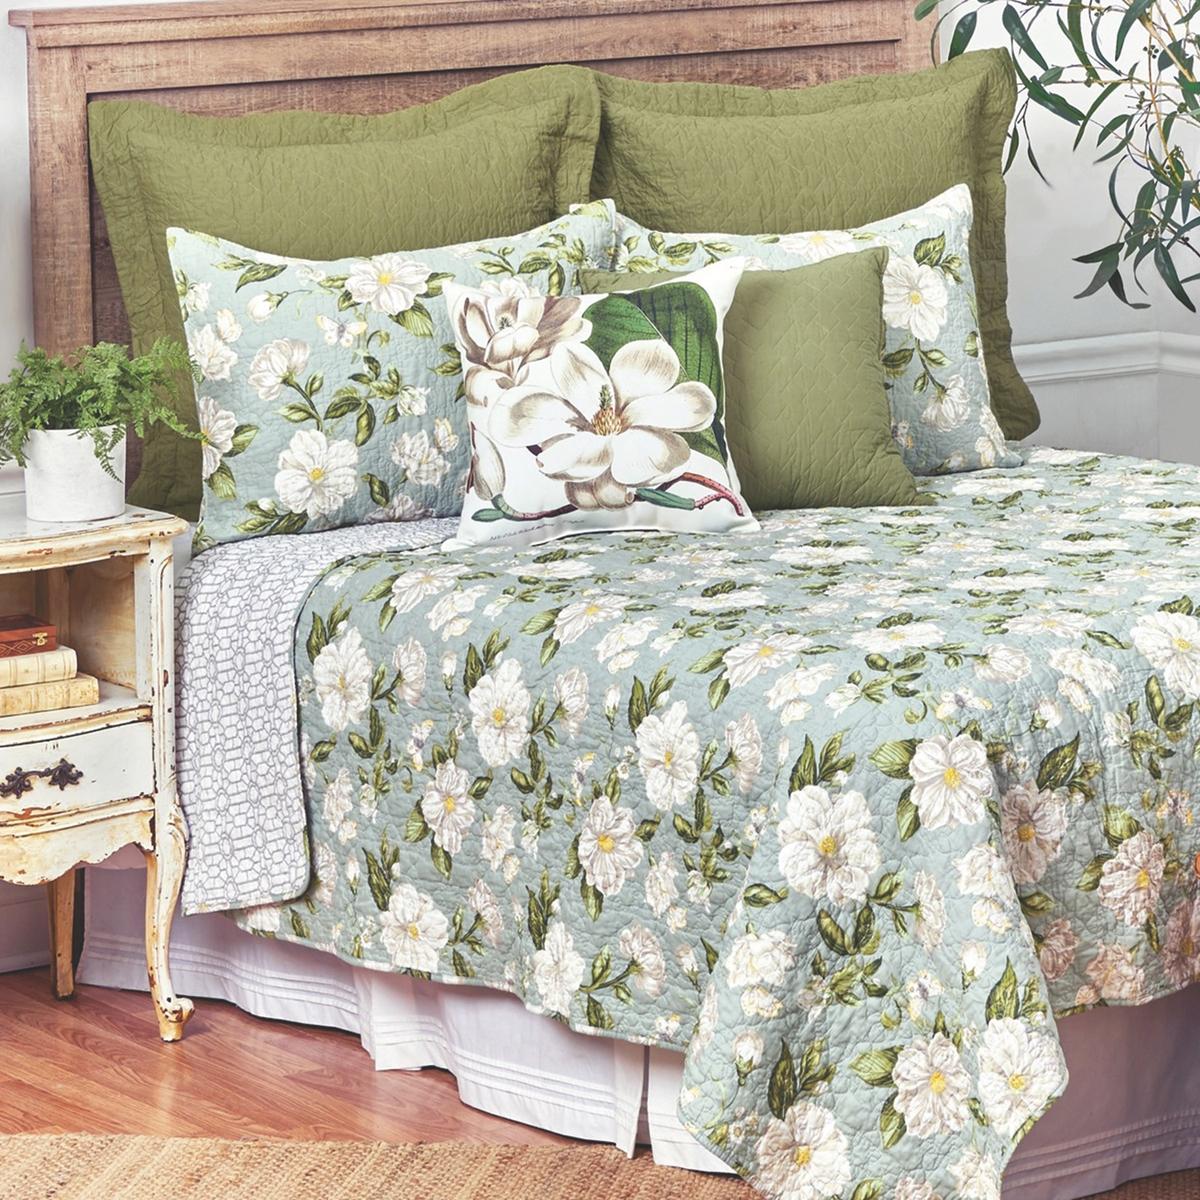 Magnolia Garden Bedding Set